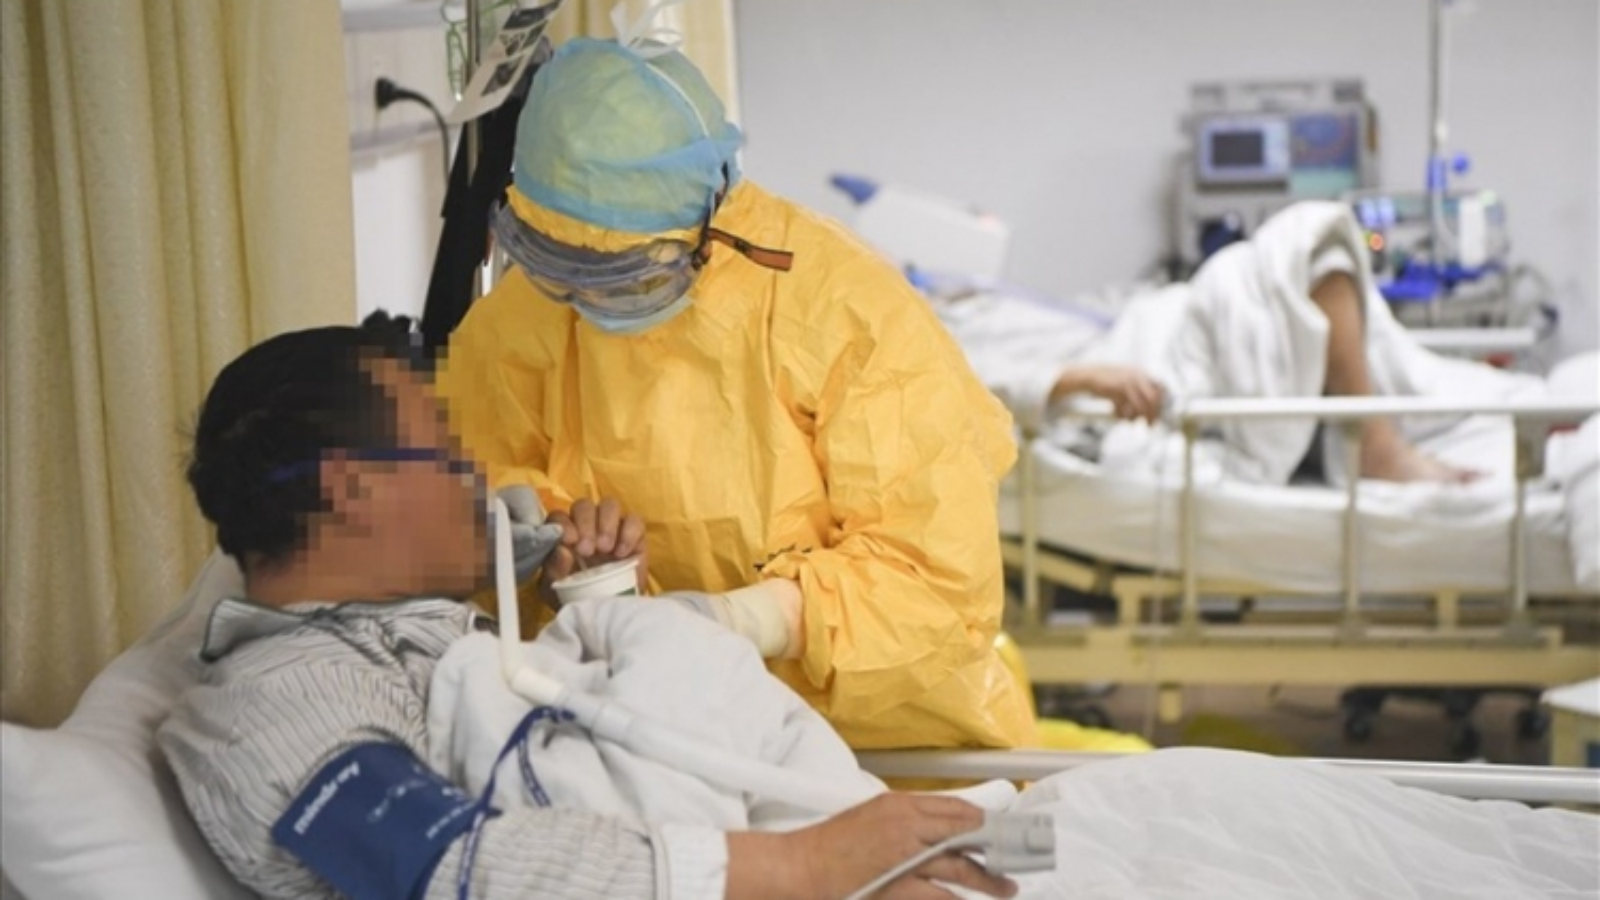 Chuyên gia Trung Quốc: Mắc Covid-19 có thể gây tái phát sốt rét